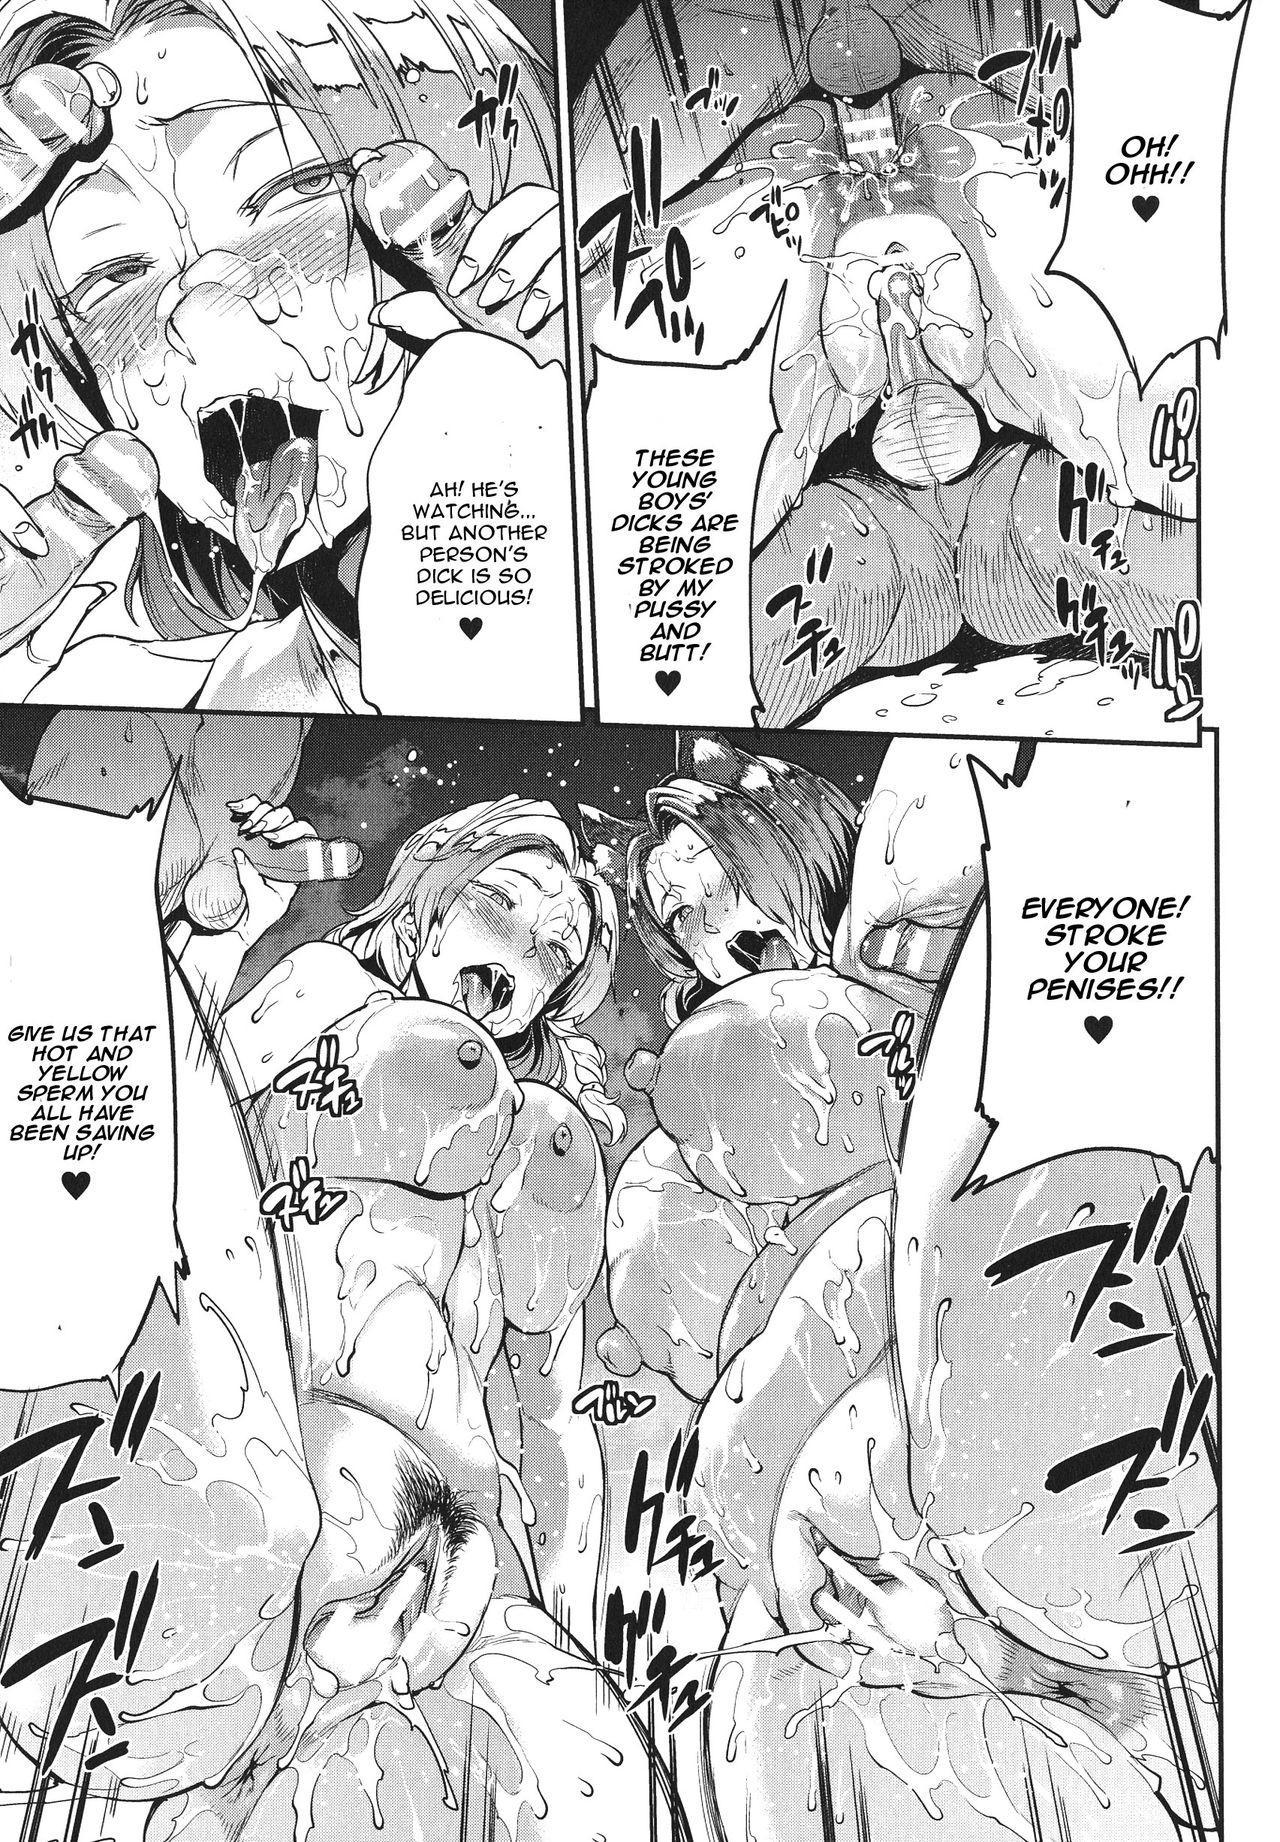 [Erect Sawaru] Raikou Shinki Igis Magia -PANDRA saga 3rd ignition- Ch. 1-7 + Medousa [English] [CGrascal] 152